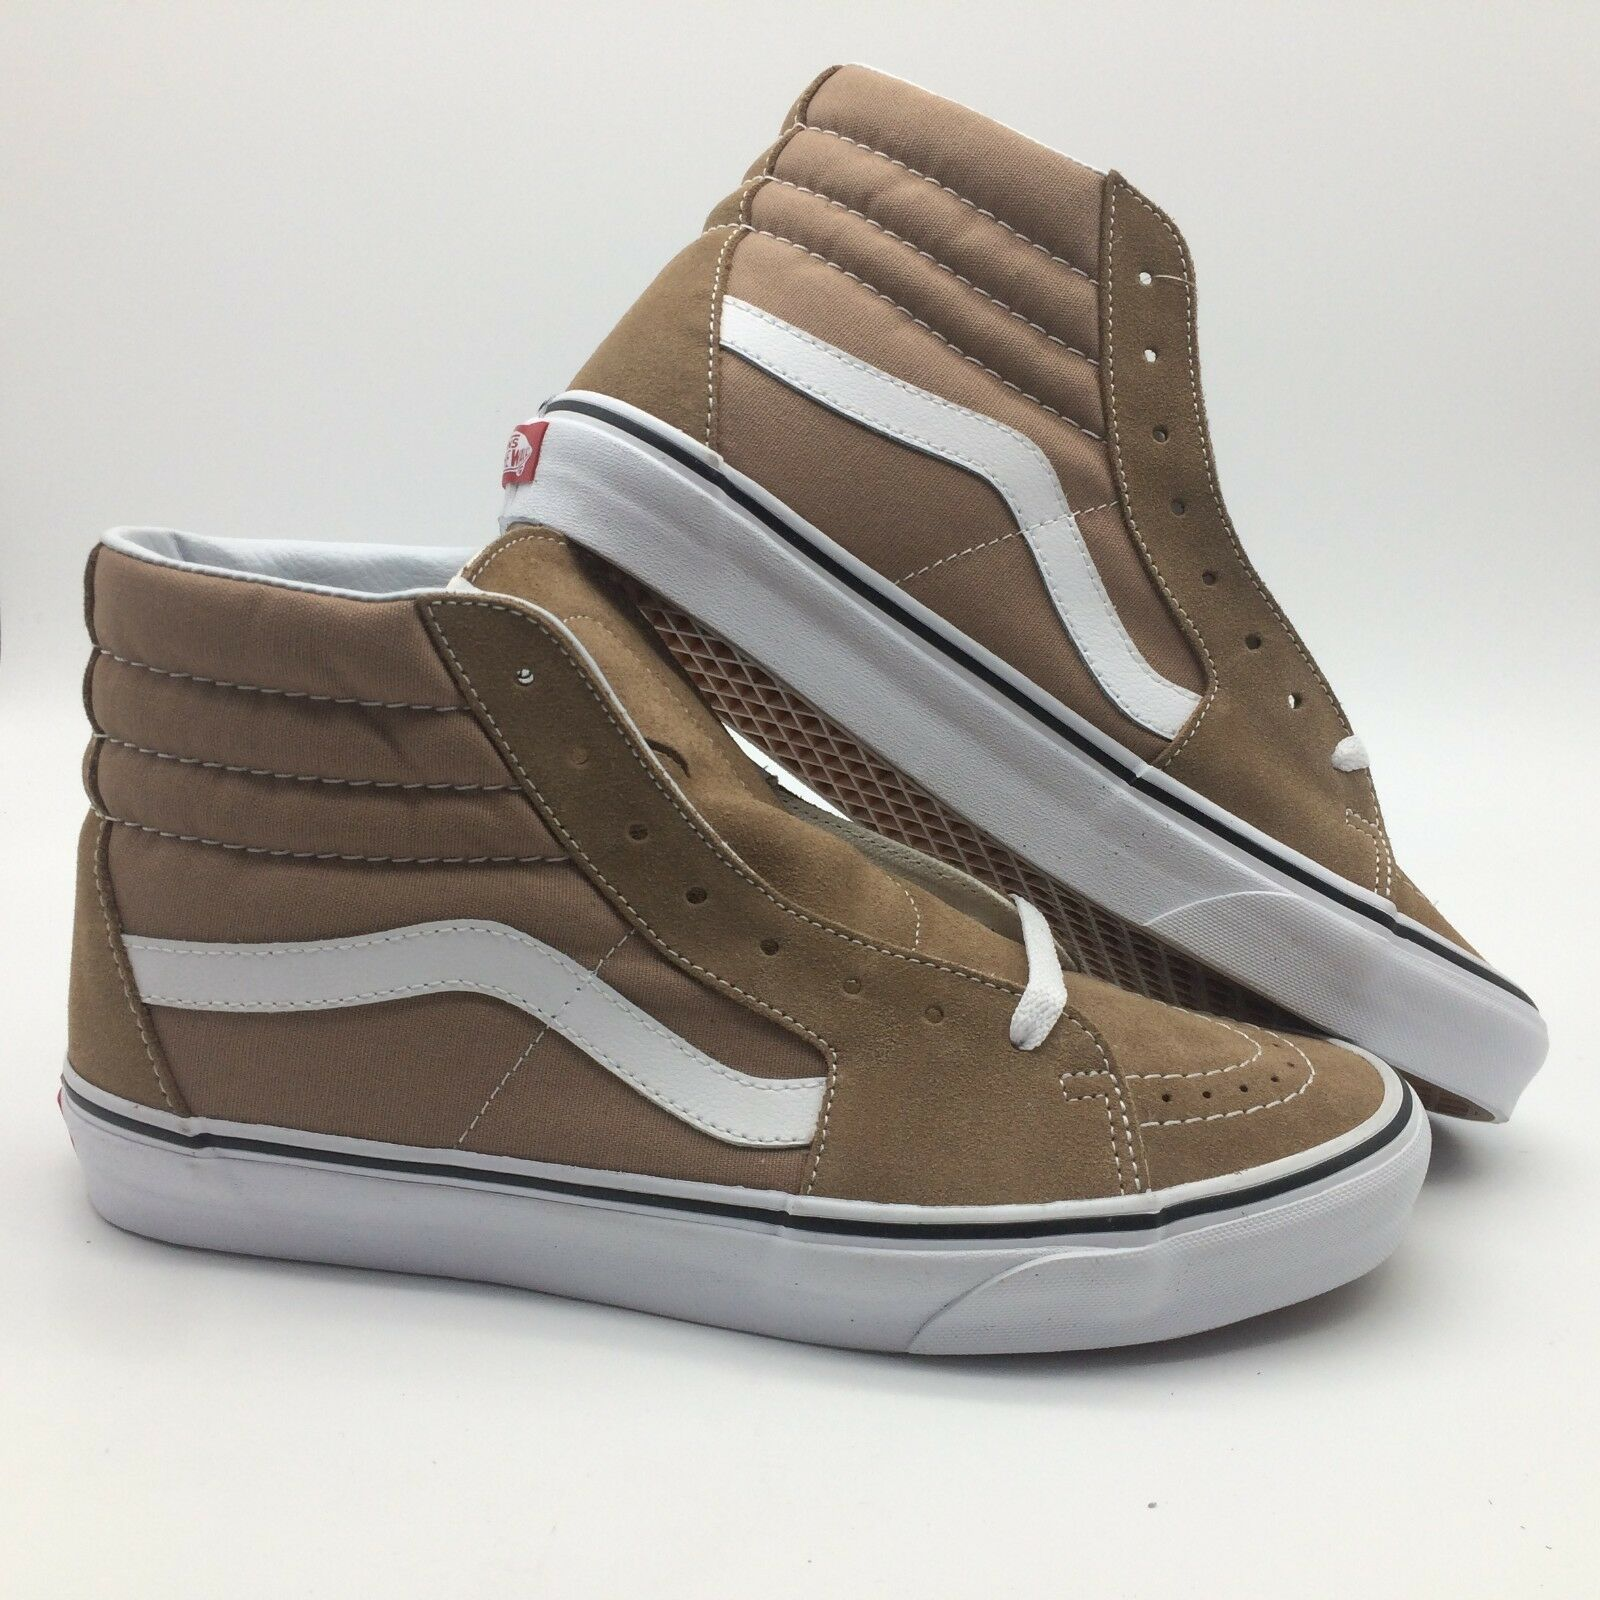 Vans Men's shoes  Sk8 Hi  Tiger's Eye True White